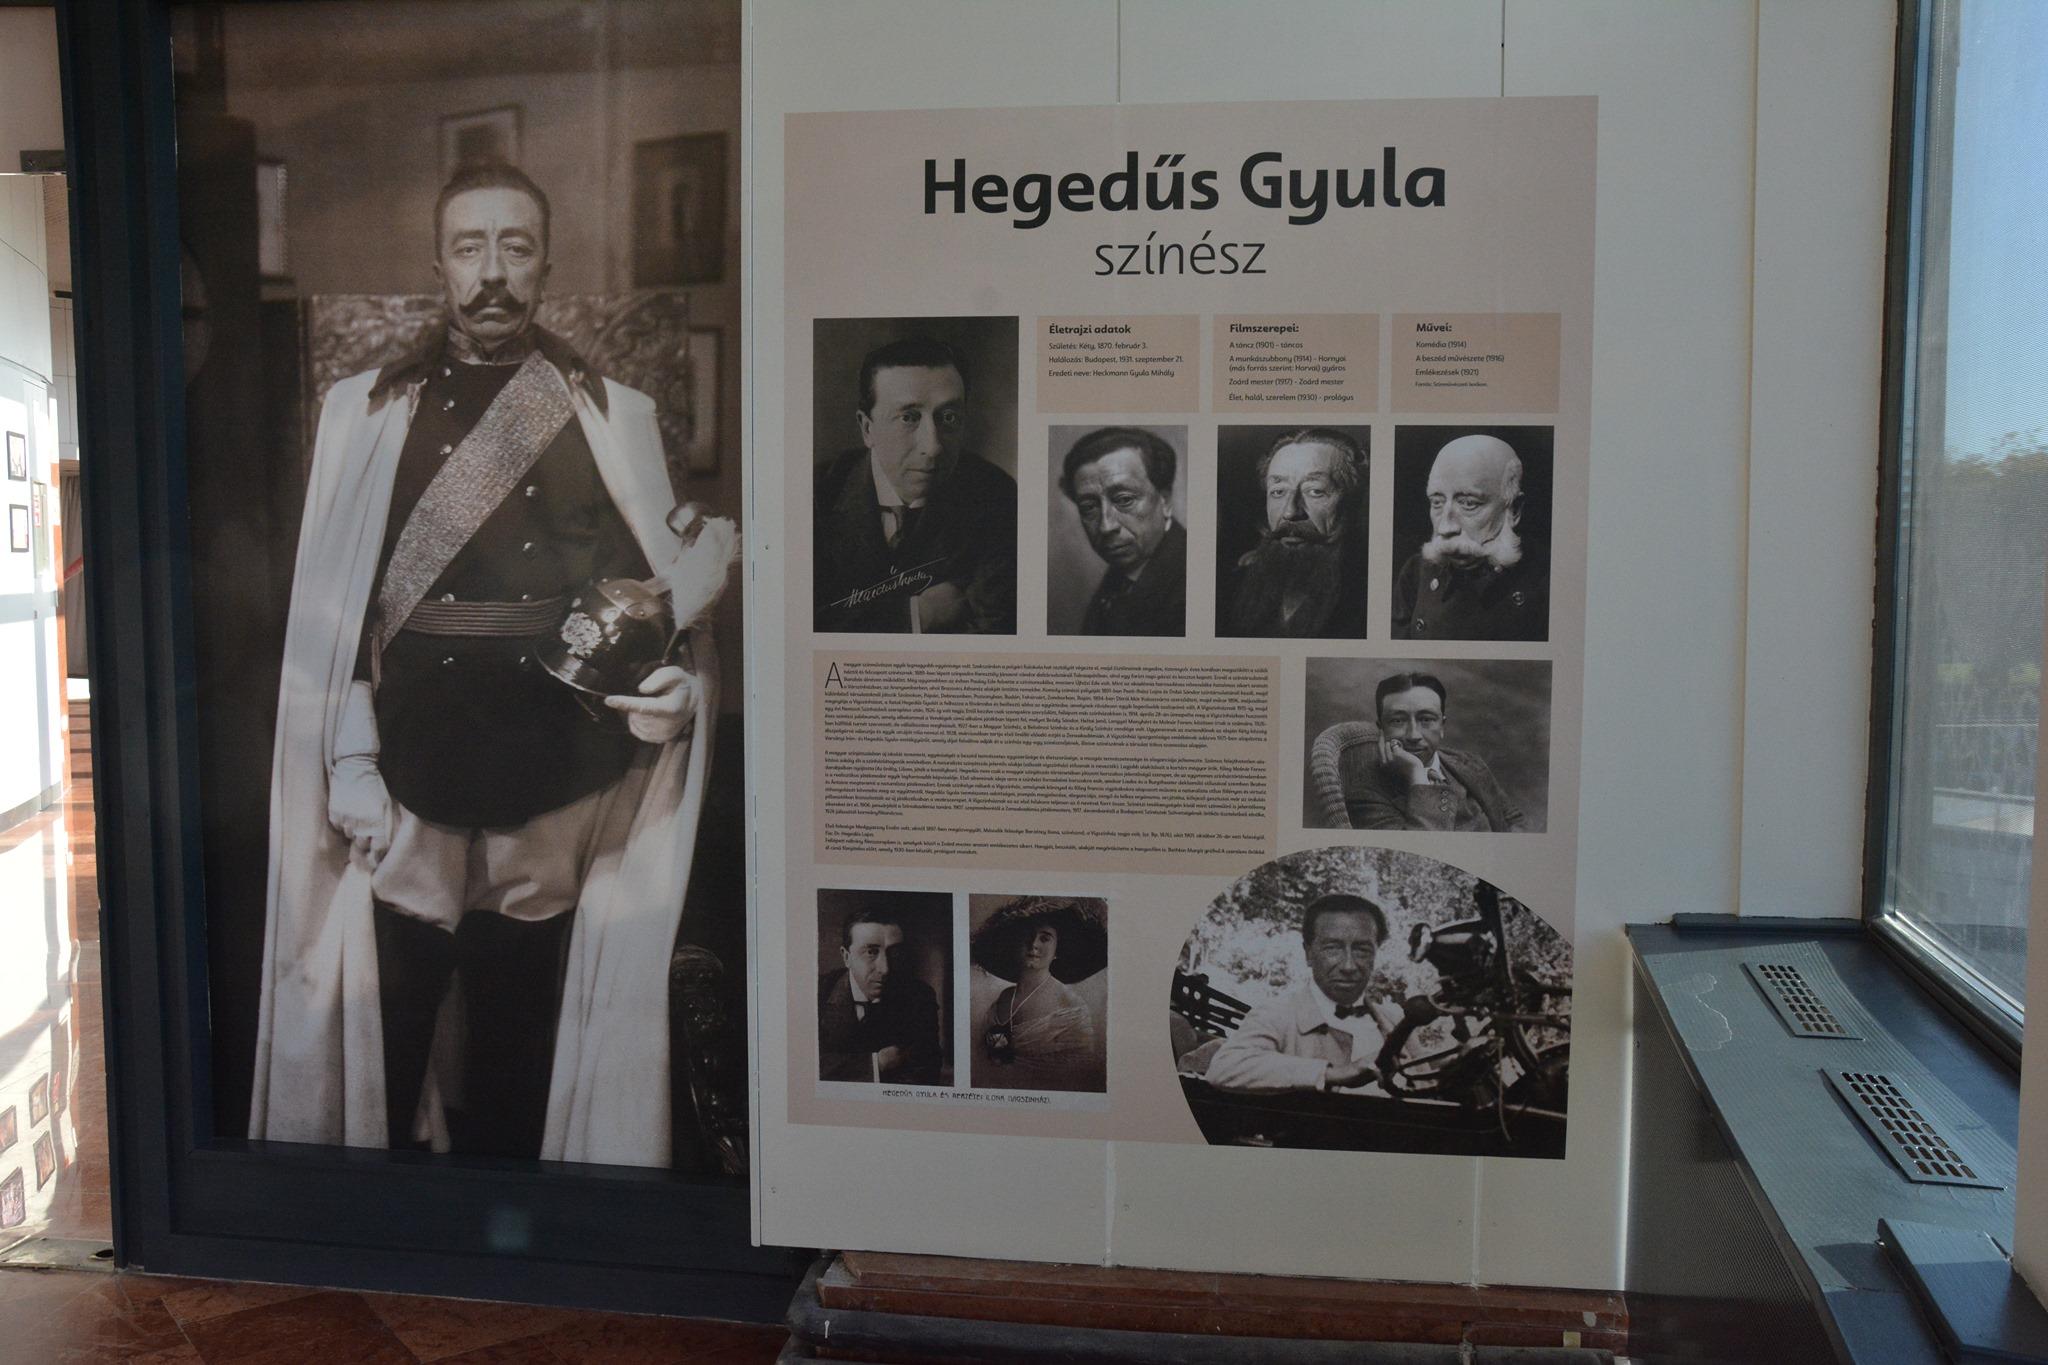 Hegedűs Gyula megérkezett Gödöllőre